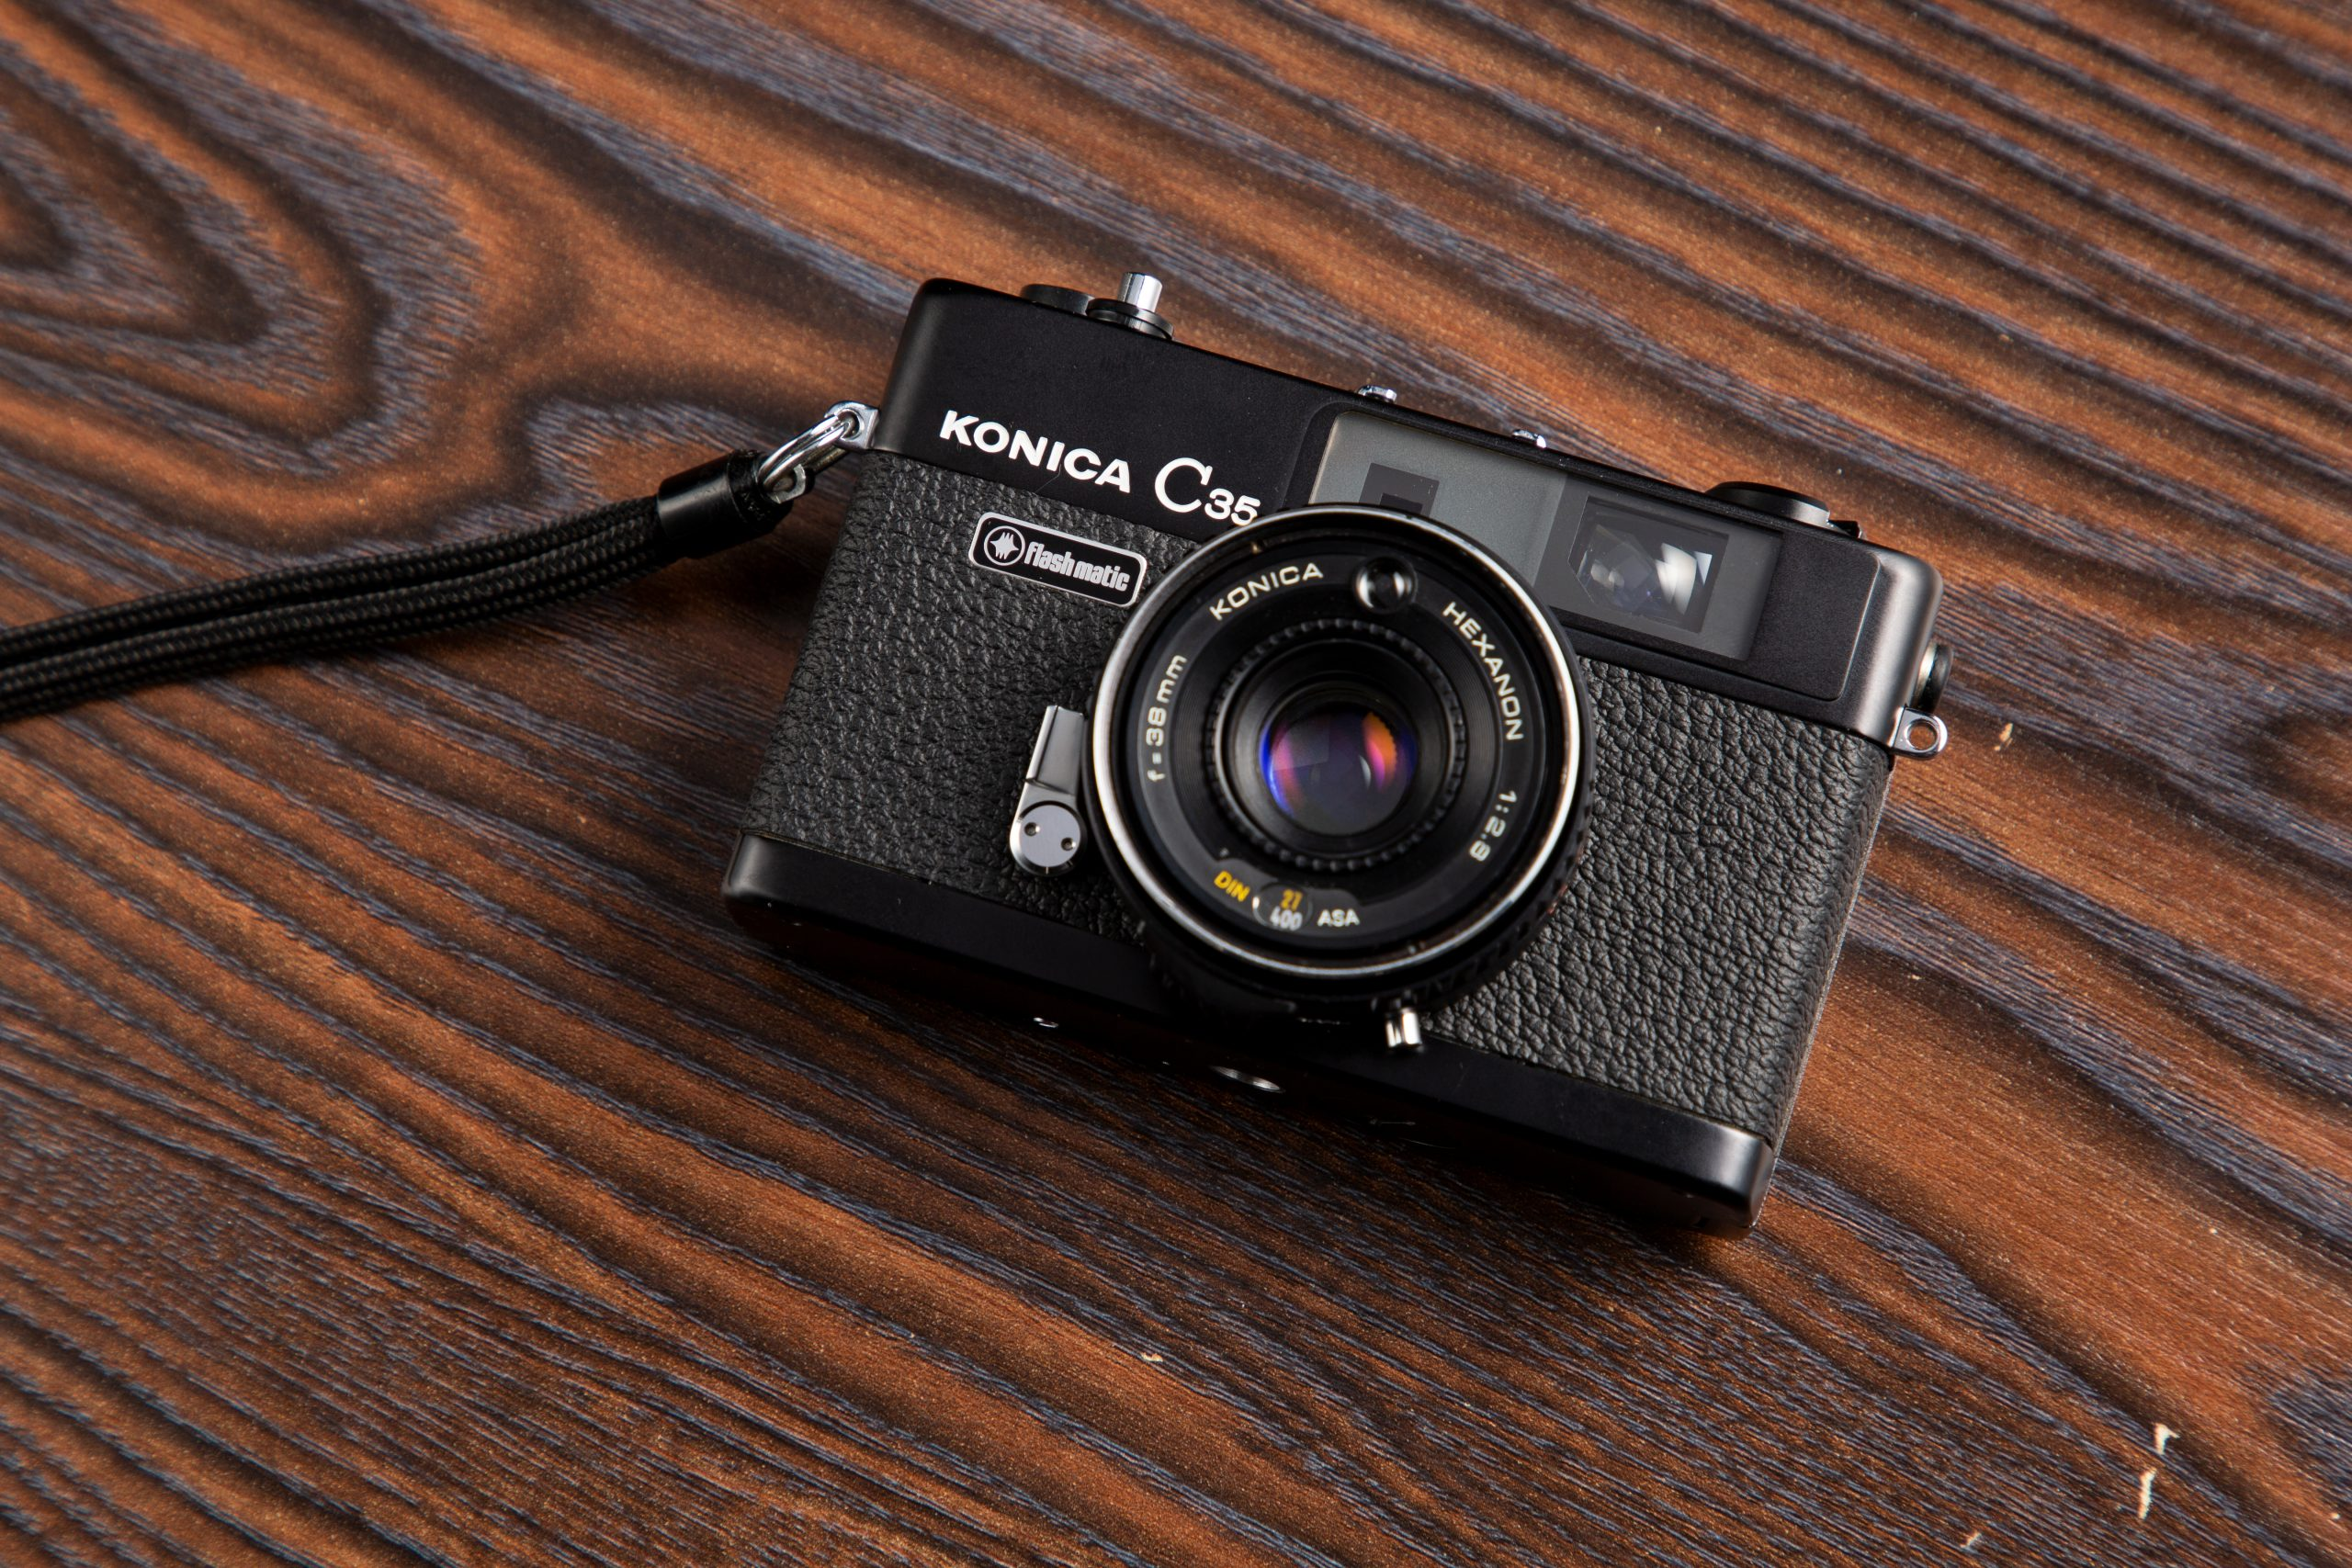 【Konica】C35 flash maticでスナップ写真